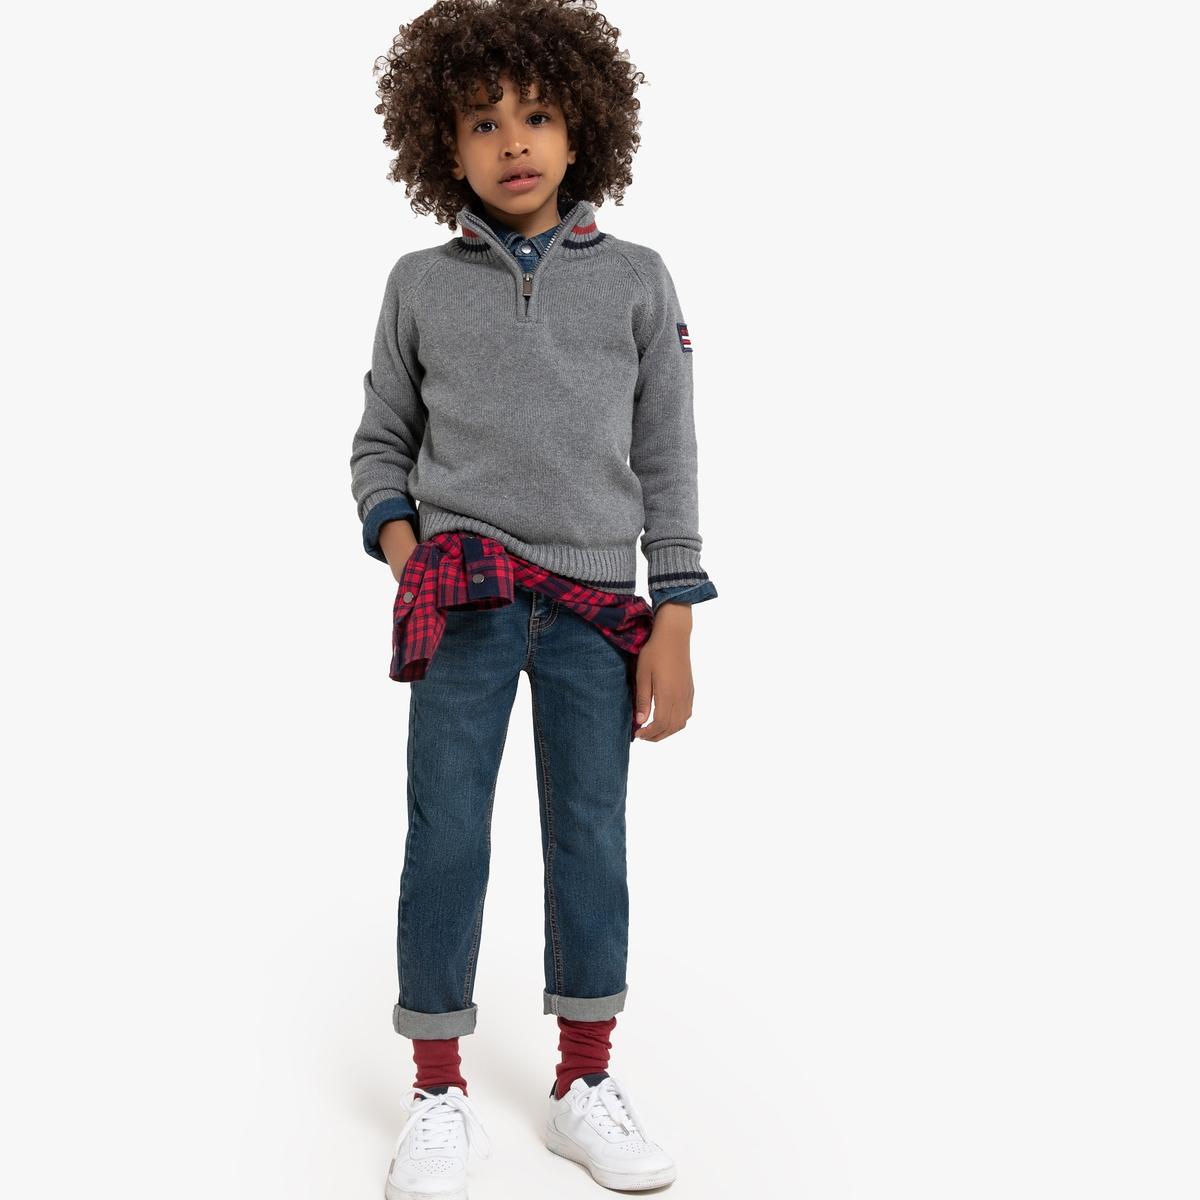 Пуловер La Redoute С воротником-стойкой 3 года - 94 см серый